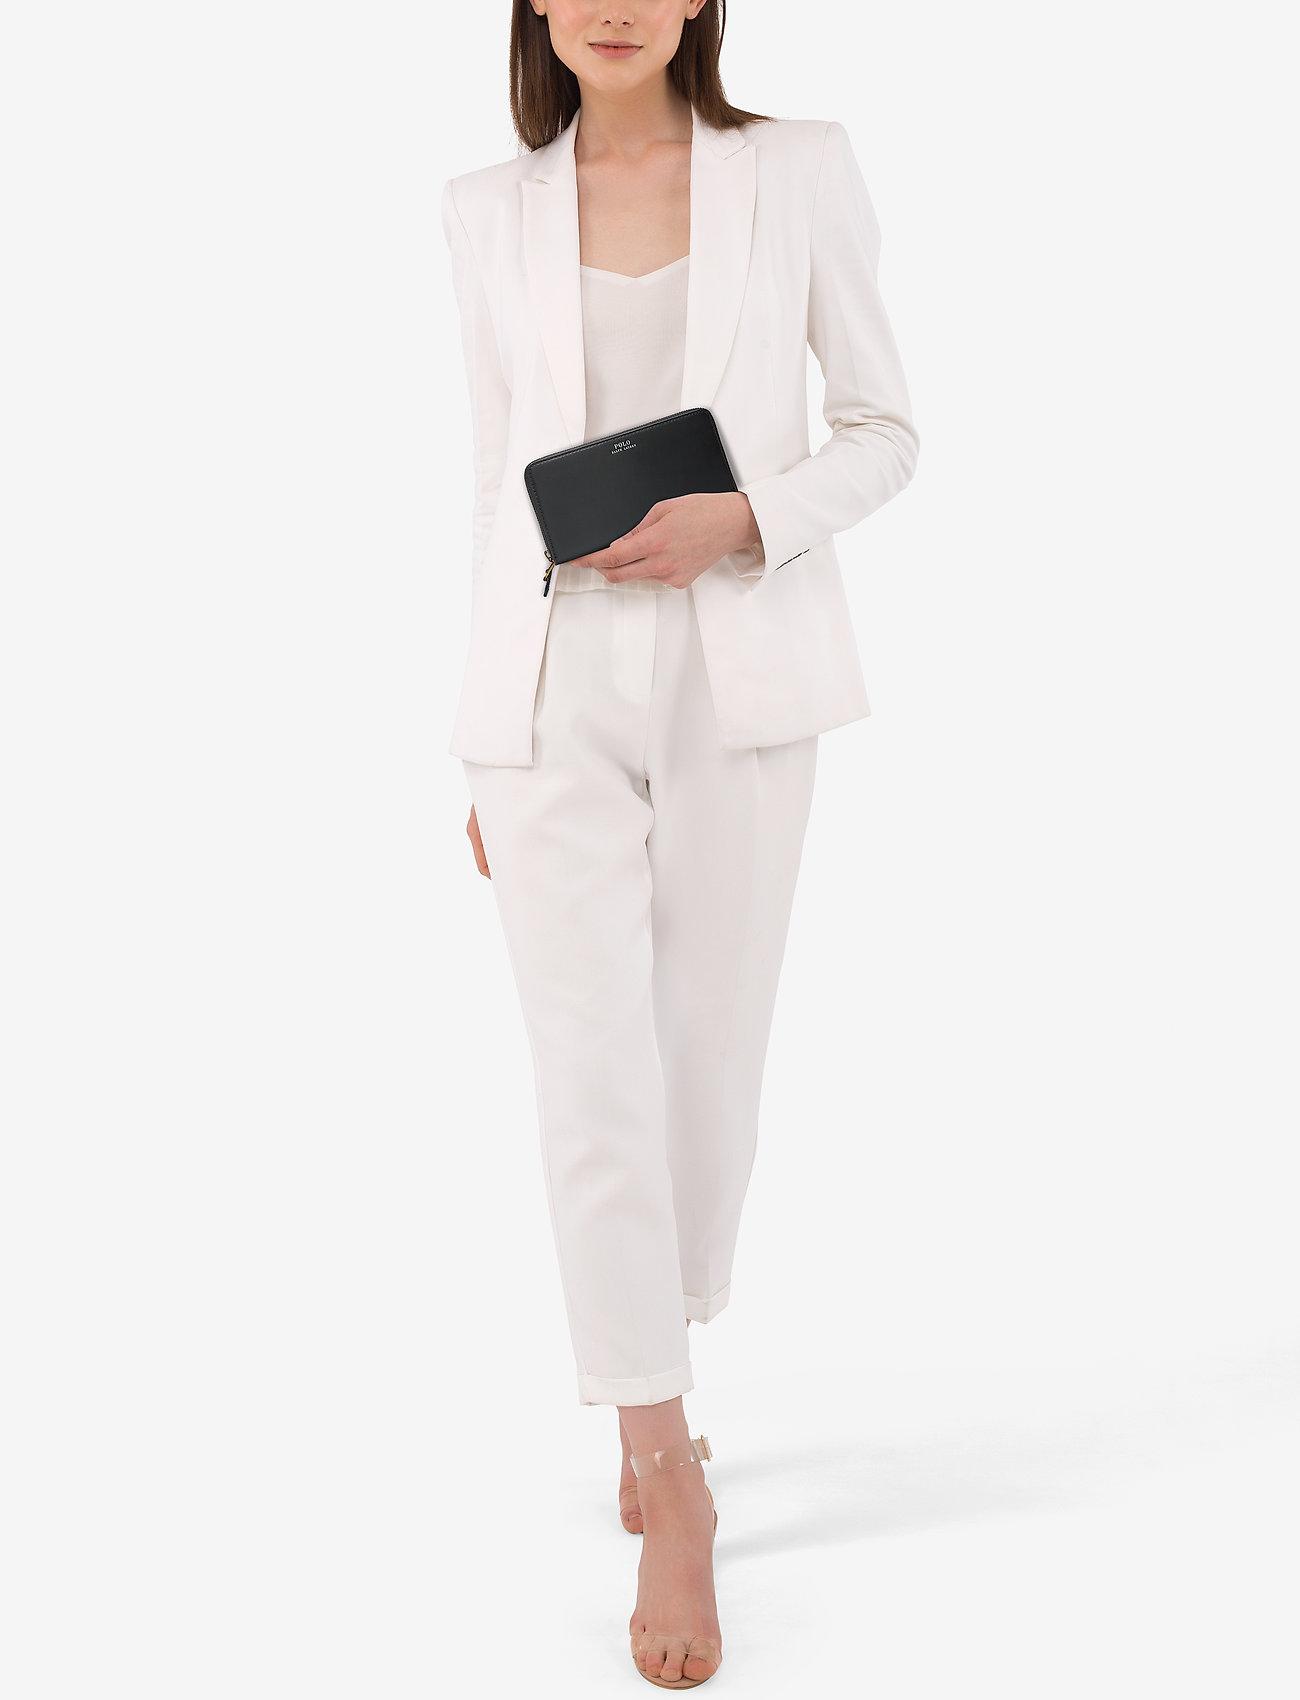 Polo Ralph Lauren Leather Zip-Around Wallet - BLACK